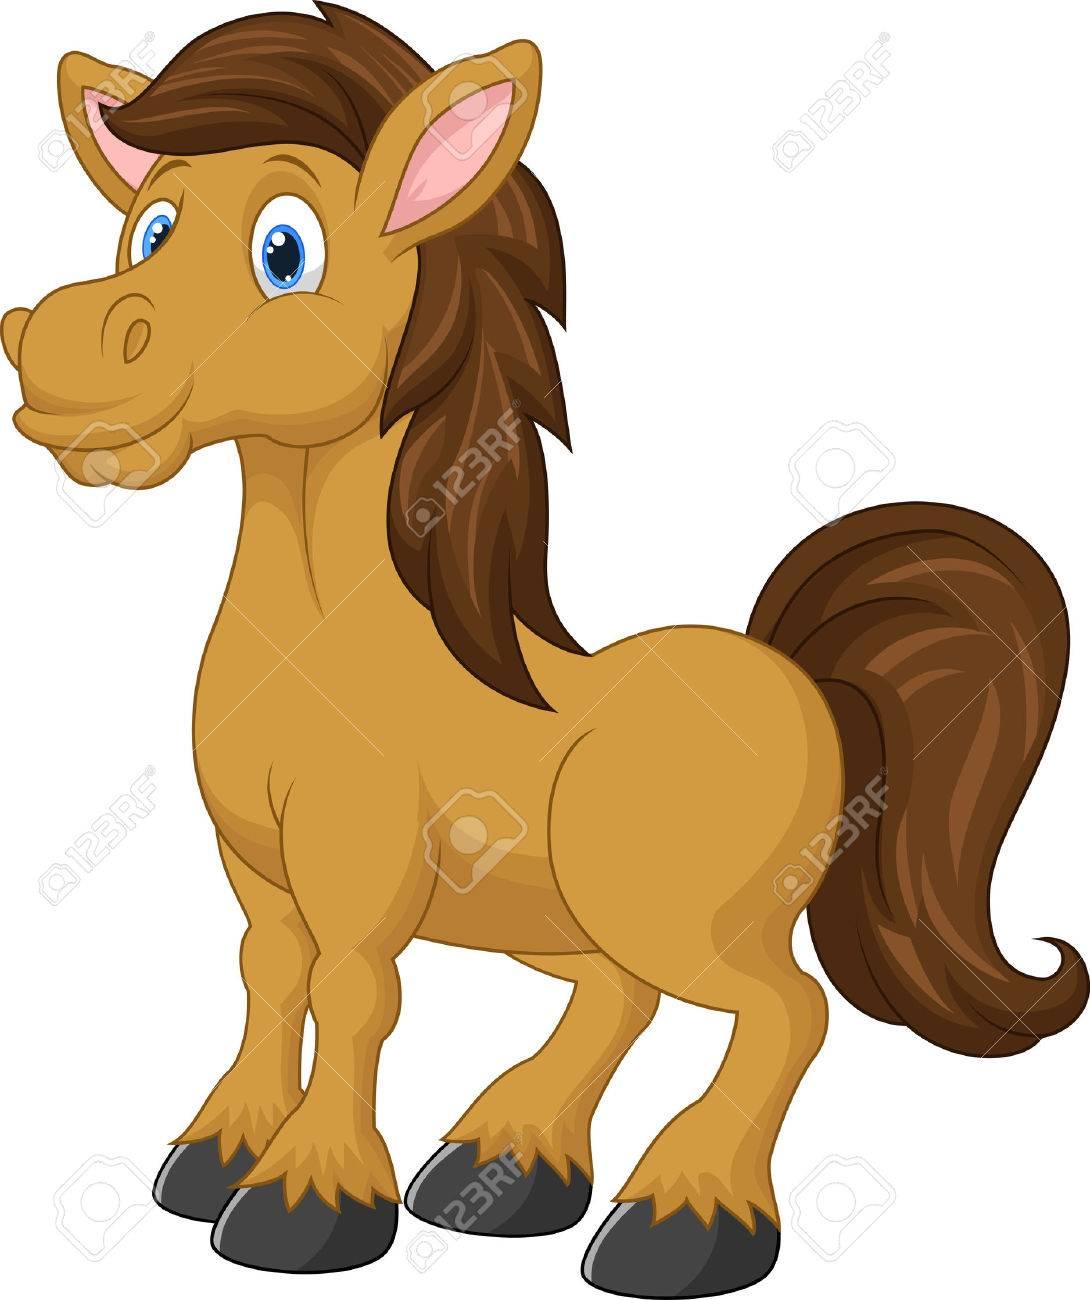 Horse Cartoon Cute horse cartoon